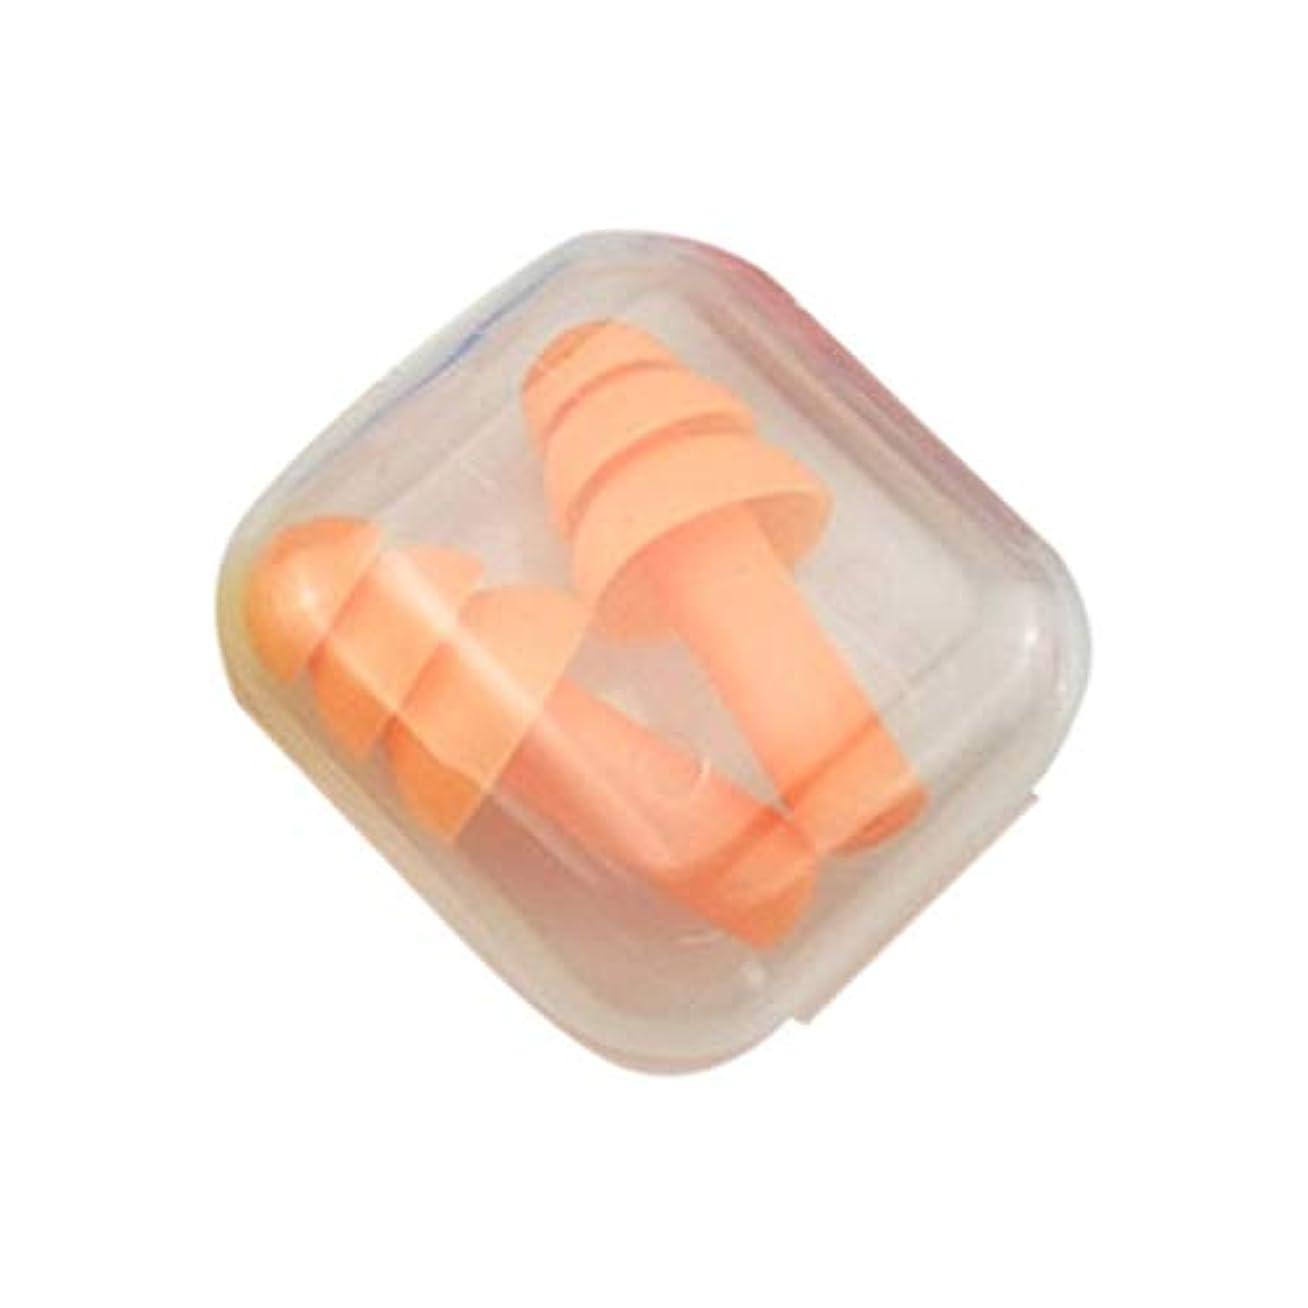 鉄道駅コロニー集中柔らかいシリコーンの耳栓遮音用耳の保護用の耳栓防音睡眠ボックス付き収納ボックス - オレンジ